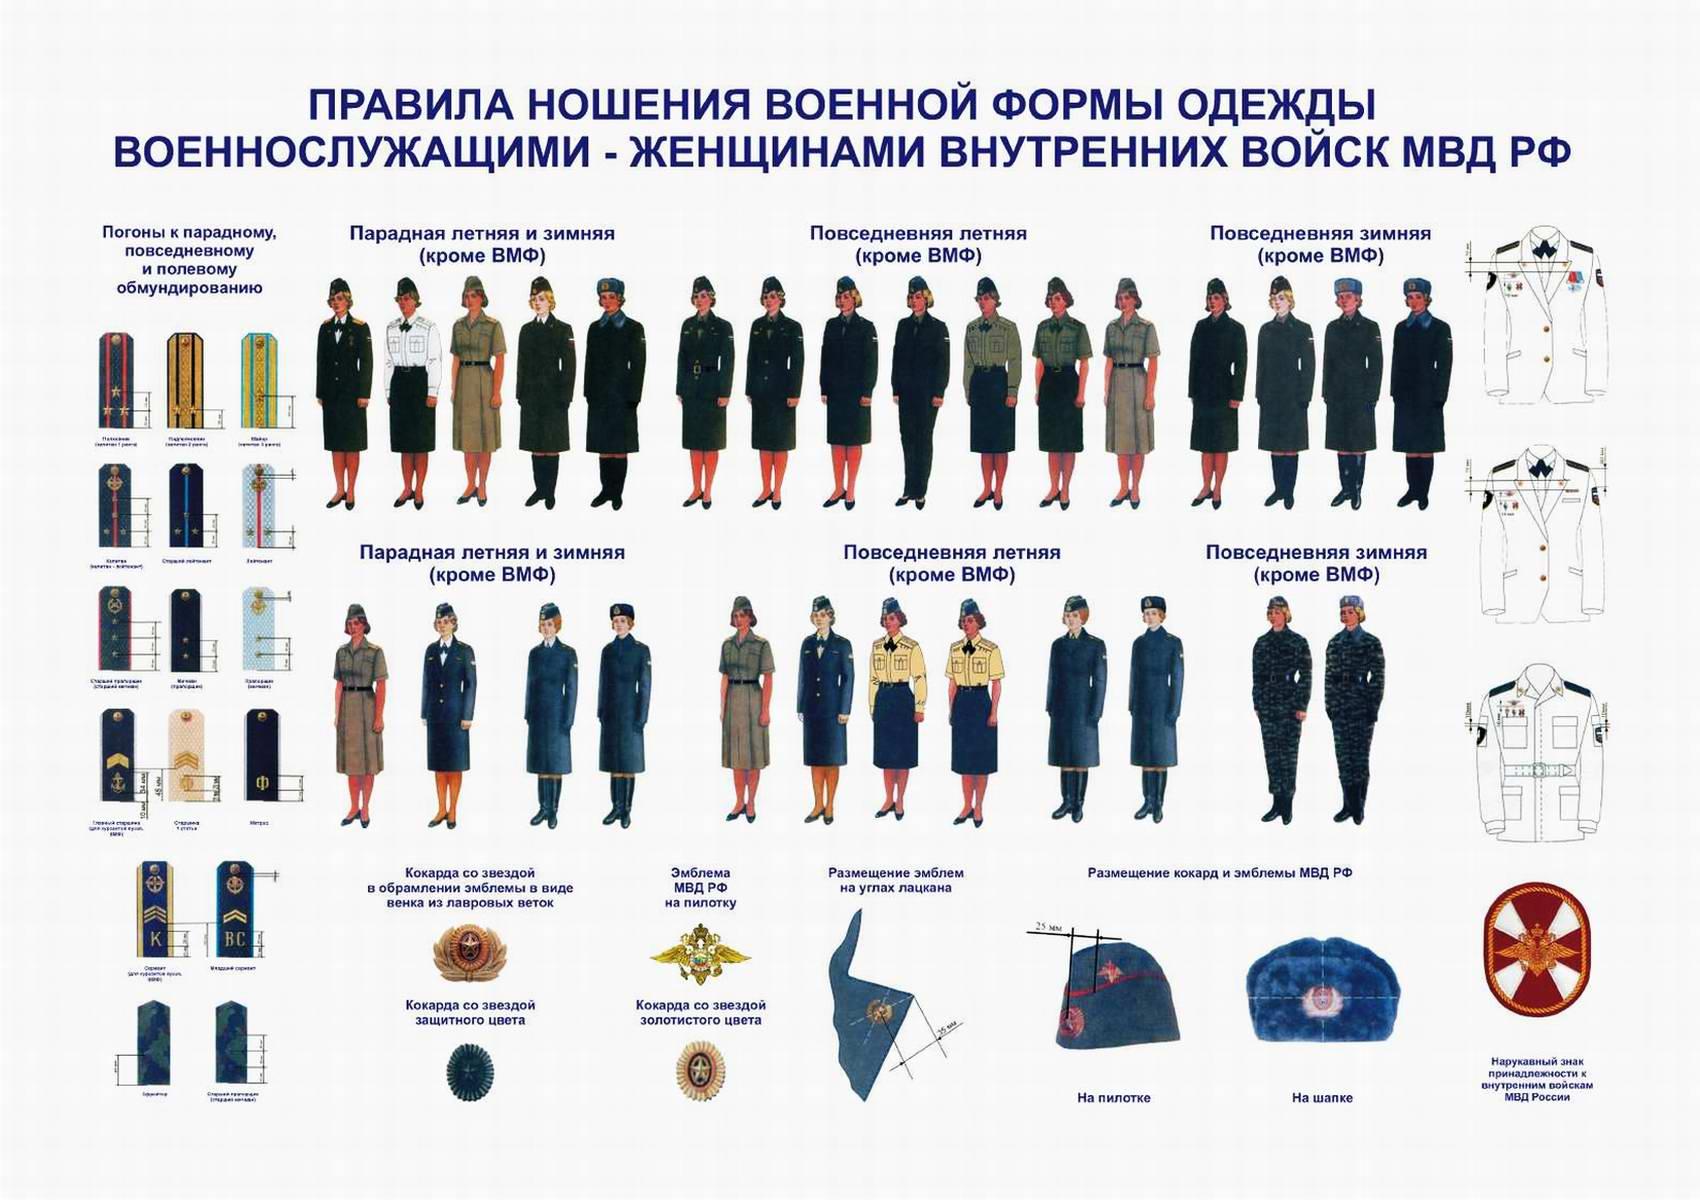 Правила ношения военной формы одежды военнослужащими-женщинами Внутренних войск МВД РФ